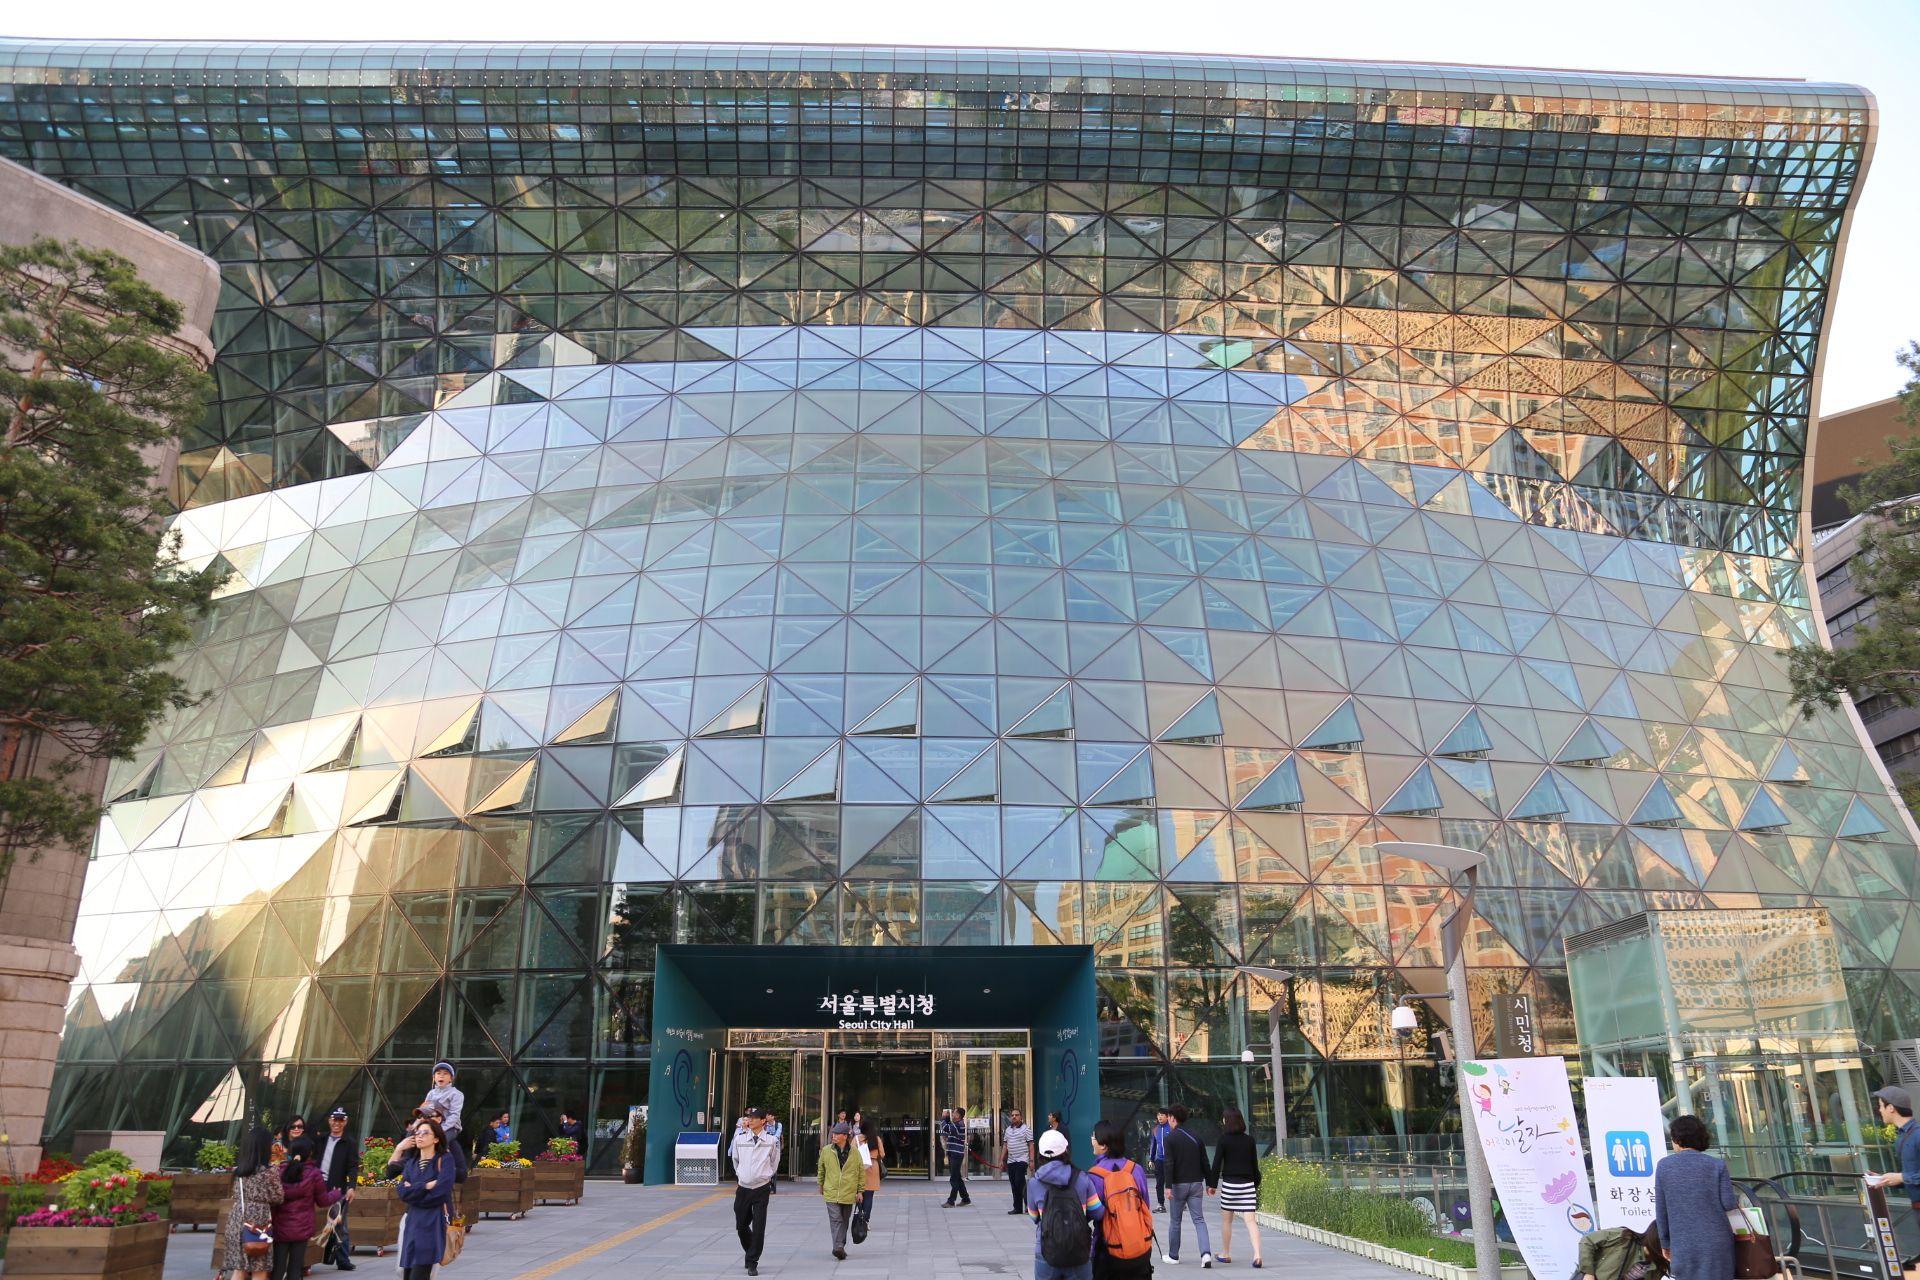 2013지구촌나눔한마당축제 Seoul Friendship Fair  서울시청 seoul cityhall     http://www.seoulfriendshipfair.org/en/      우리들한의원 무료앱 다운법 사상체질진단가능  free app. sasang dignosis program.  http://www.iwooridul.com/app-update